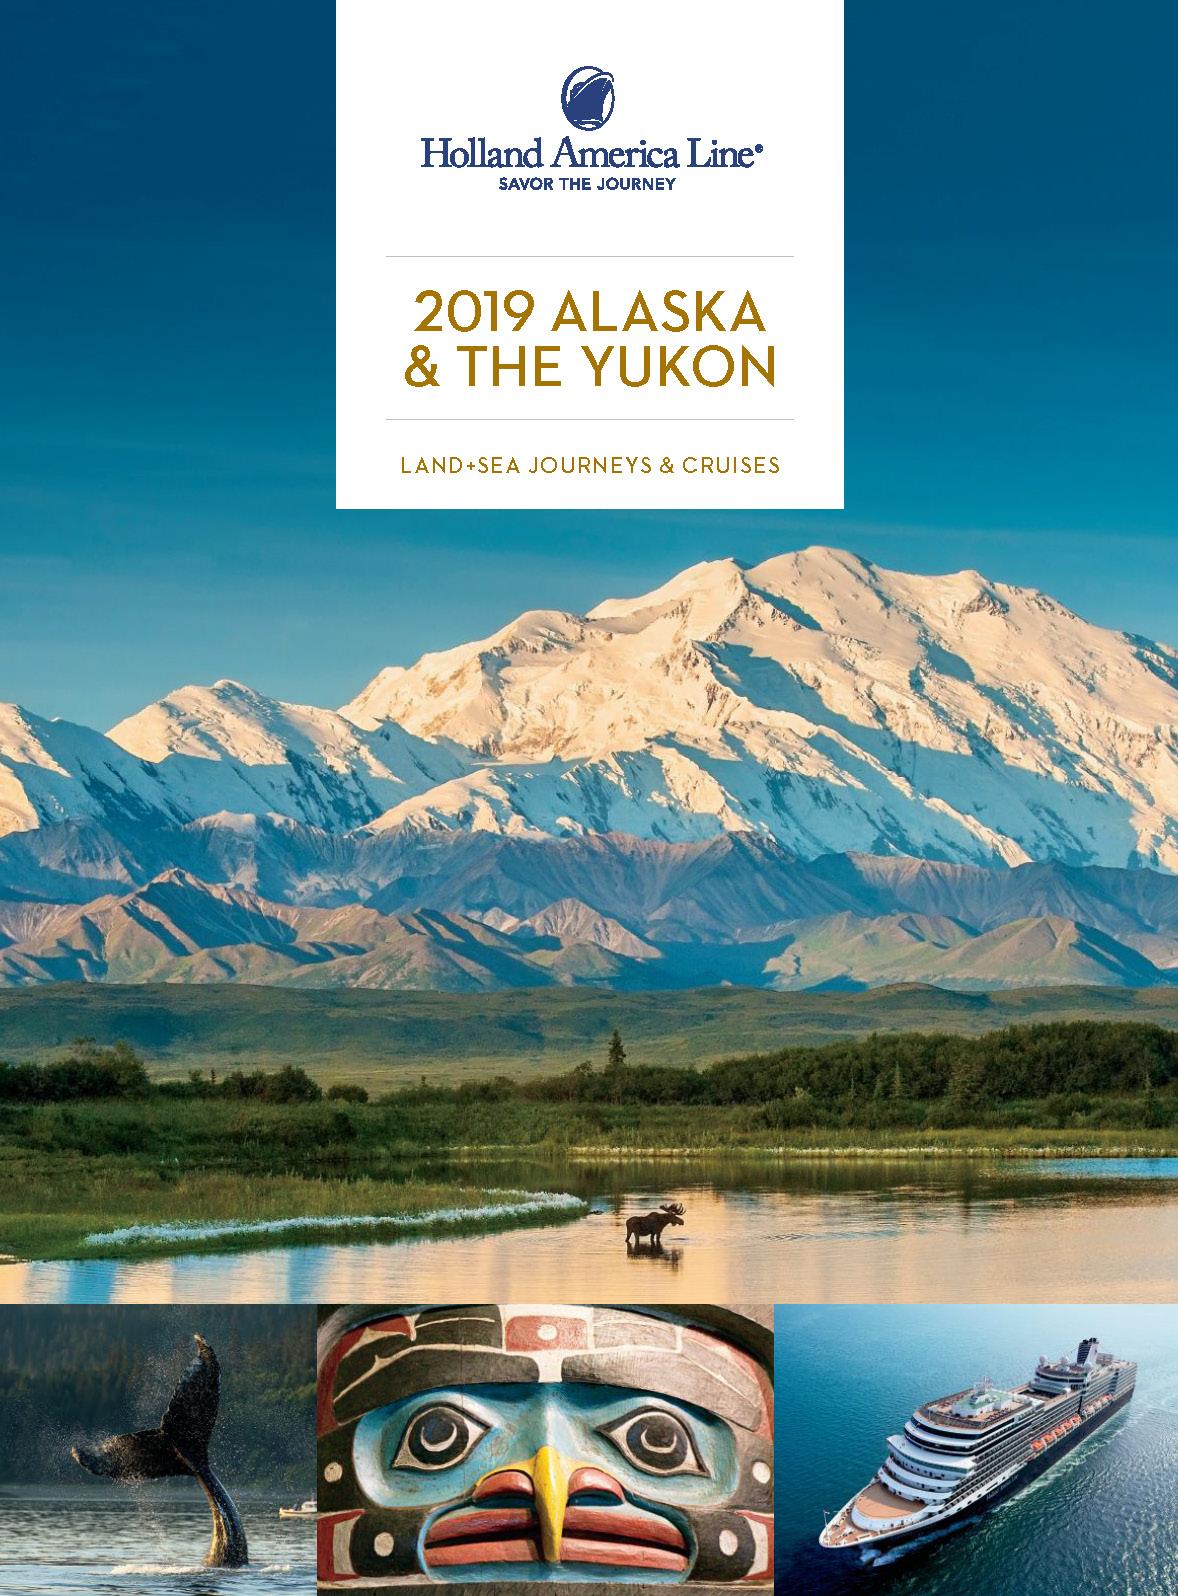 Catalogo Cruceros Holland America Line Alaska 2019